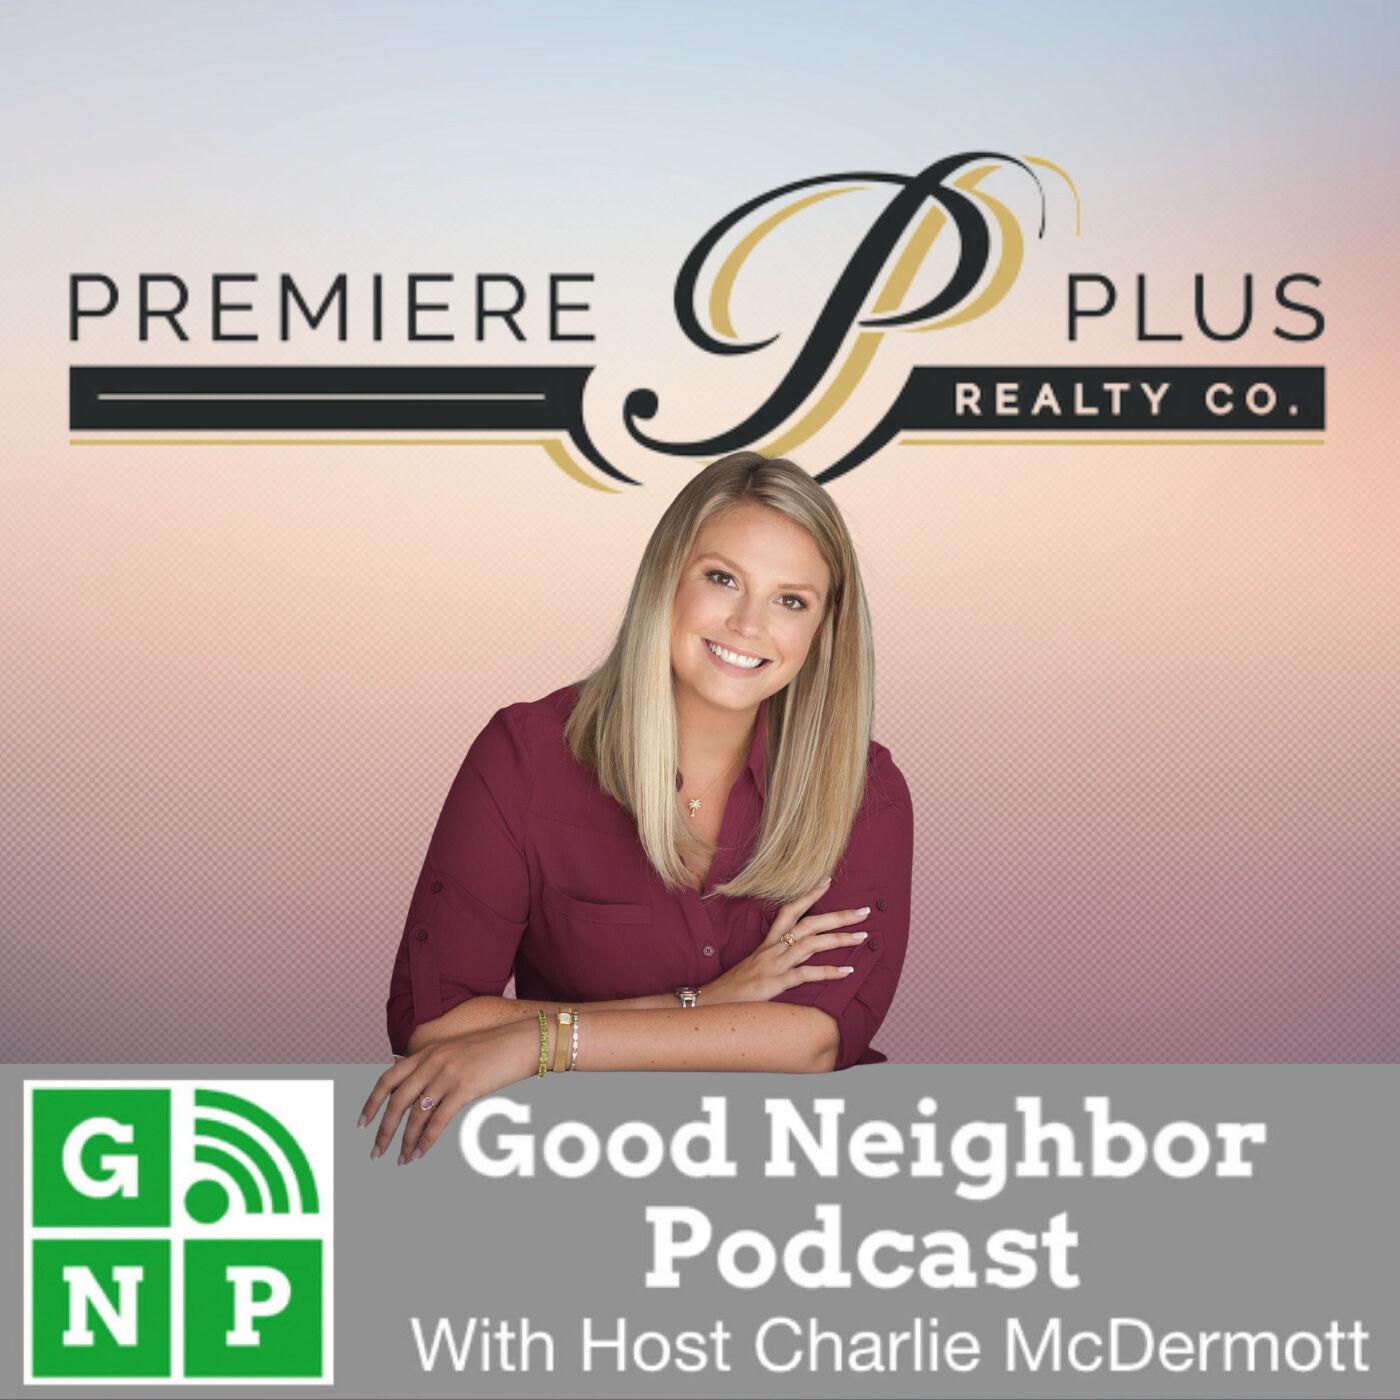 EP #534: Premiere Plus Realty with Emily Konopasek